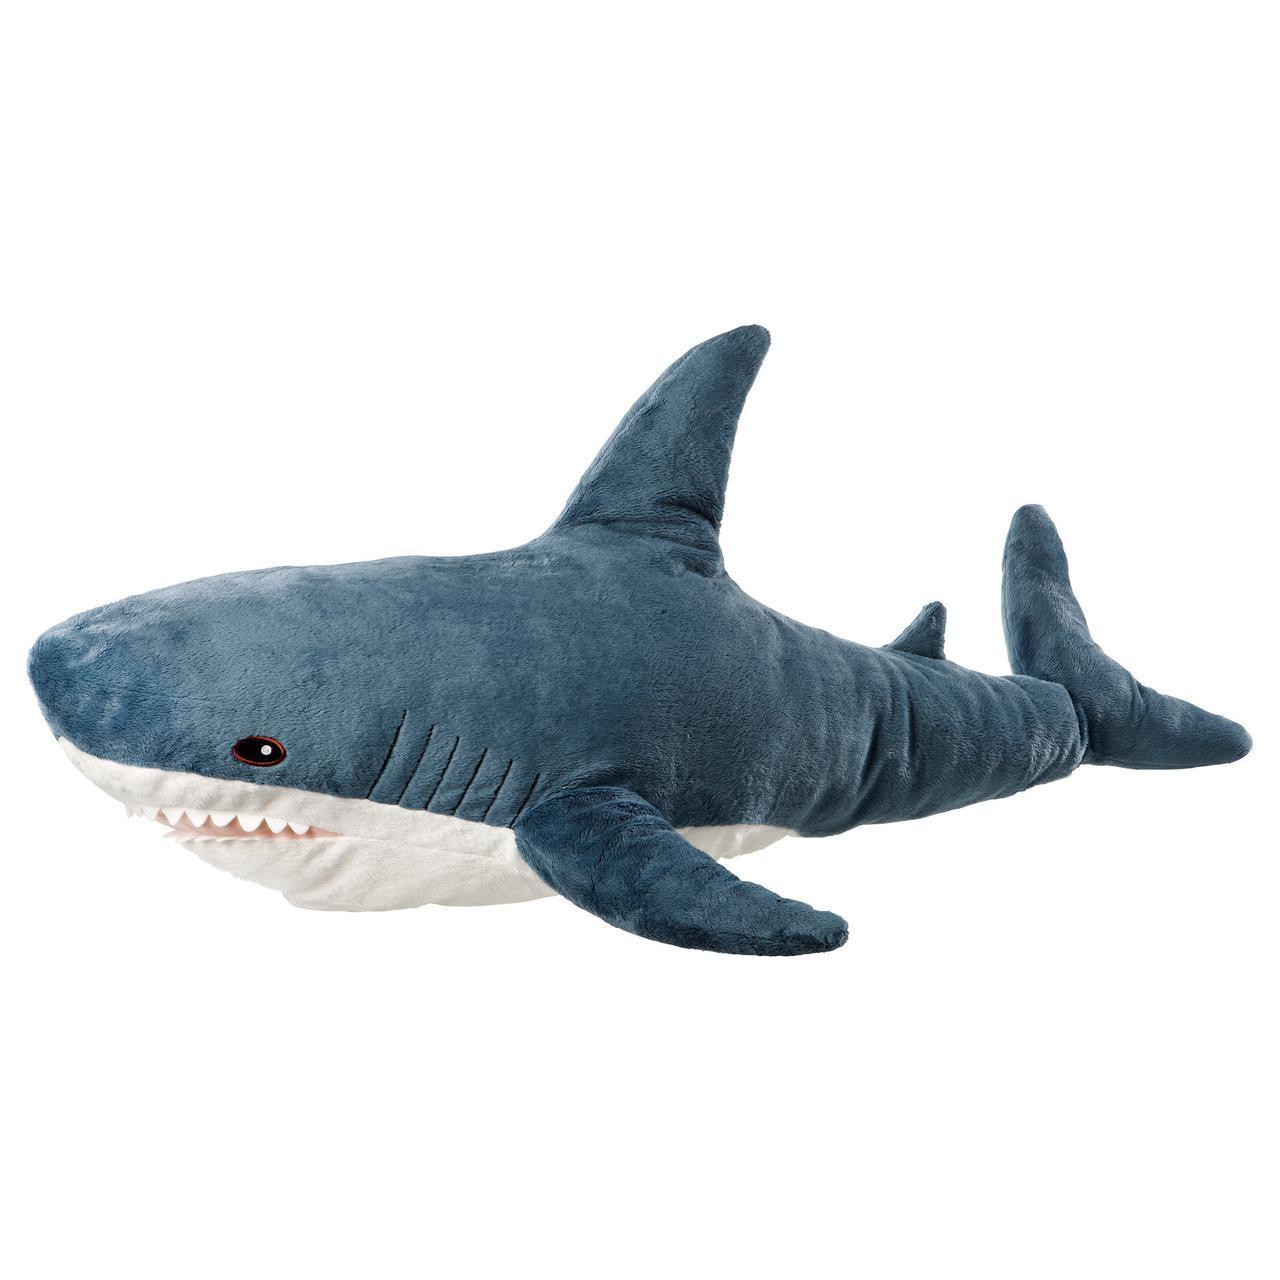 IKEA Акула (303.735.88) Іграшка м'яка  акула 100 см